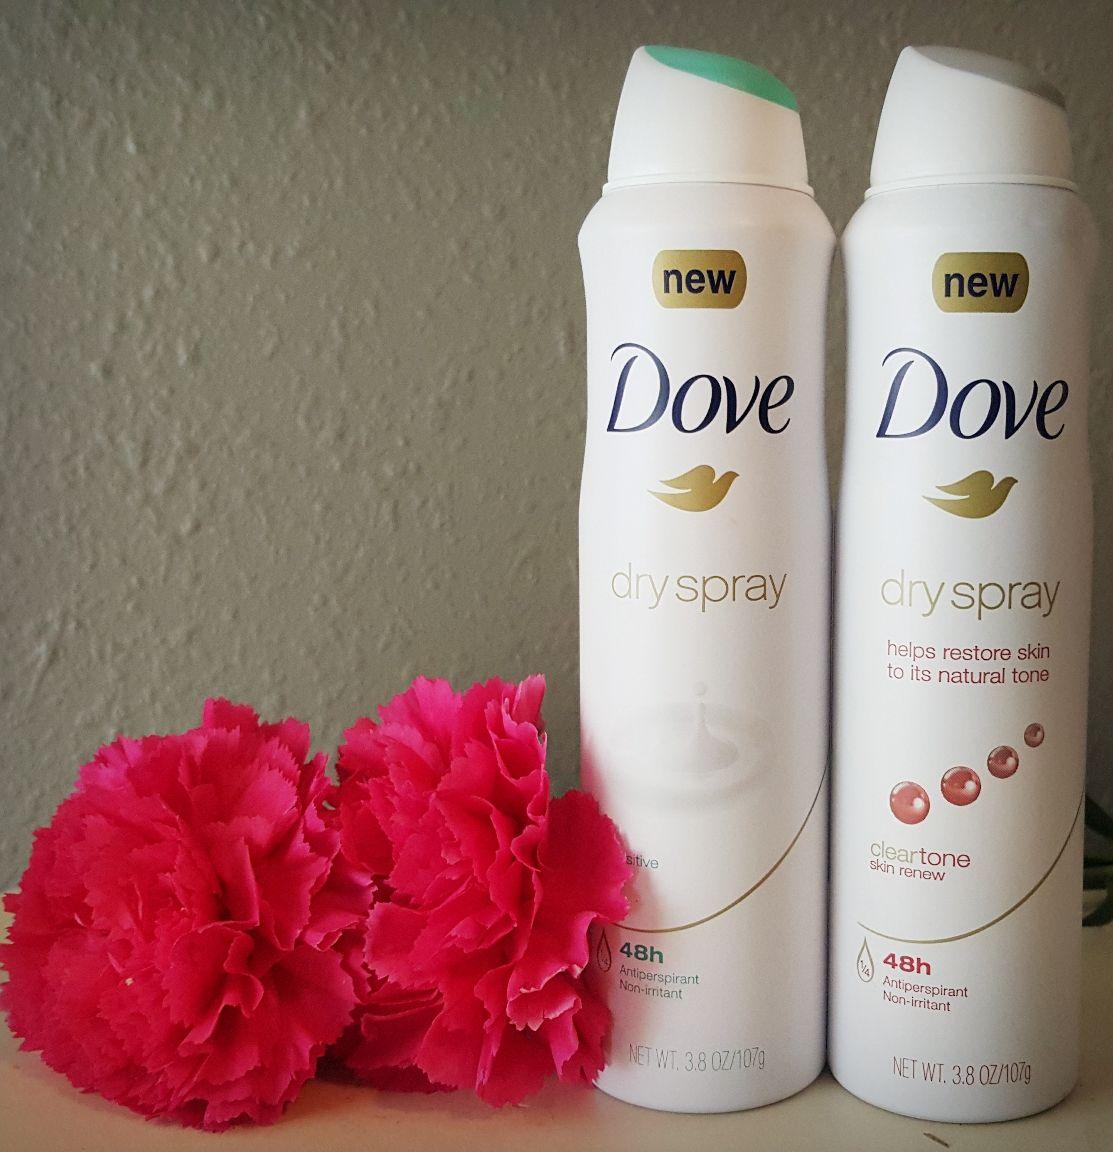 New Dove Dry Spray Antiperspirant Antiperspirant Spray Restore Skin